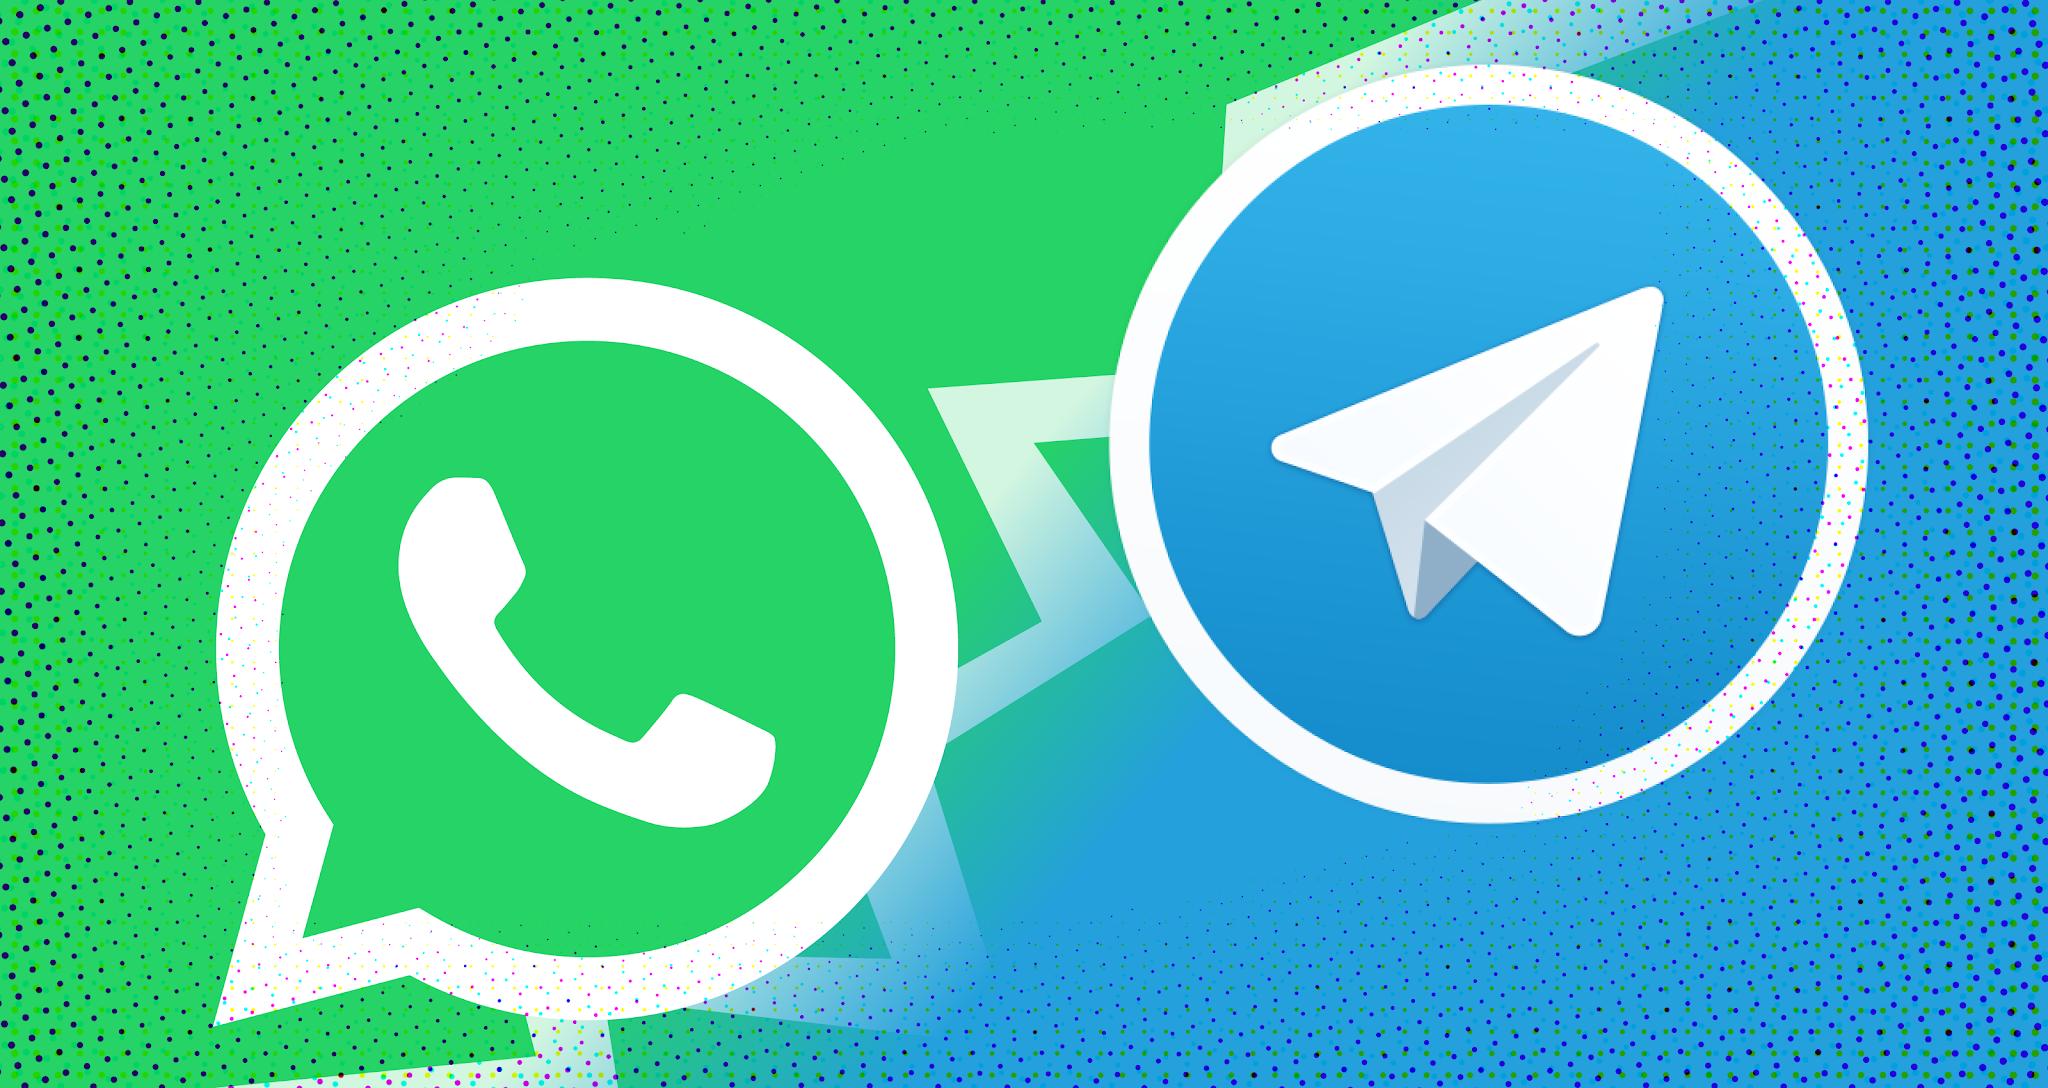 Telegram yeni güncellemeleri ile Whatsapp'ı geçecek mi? Whatsapp Devri Sona Eriyor Mu?